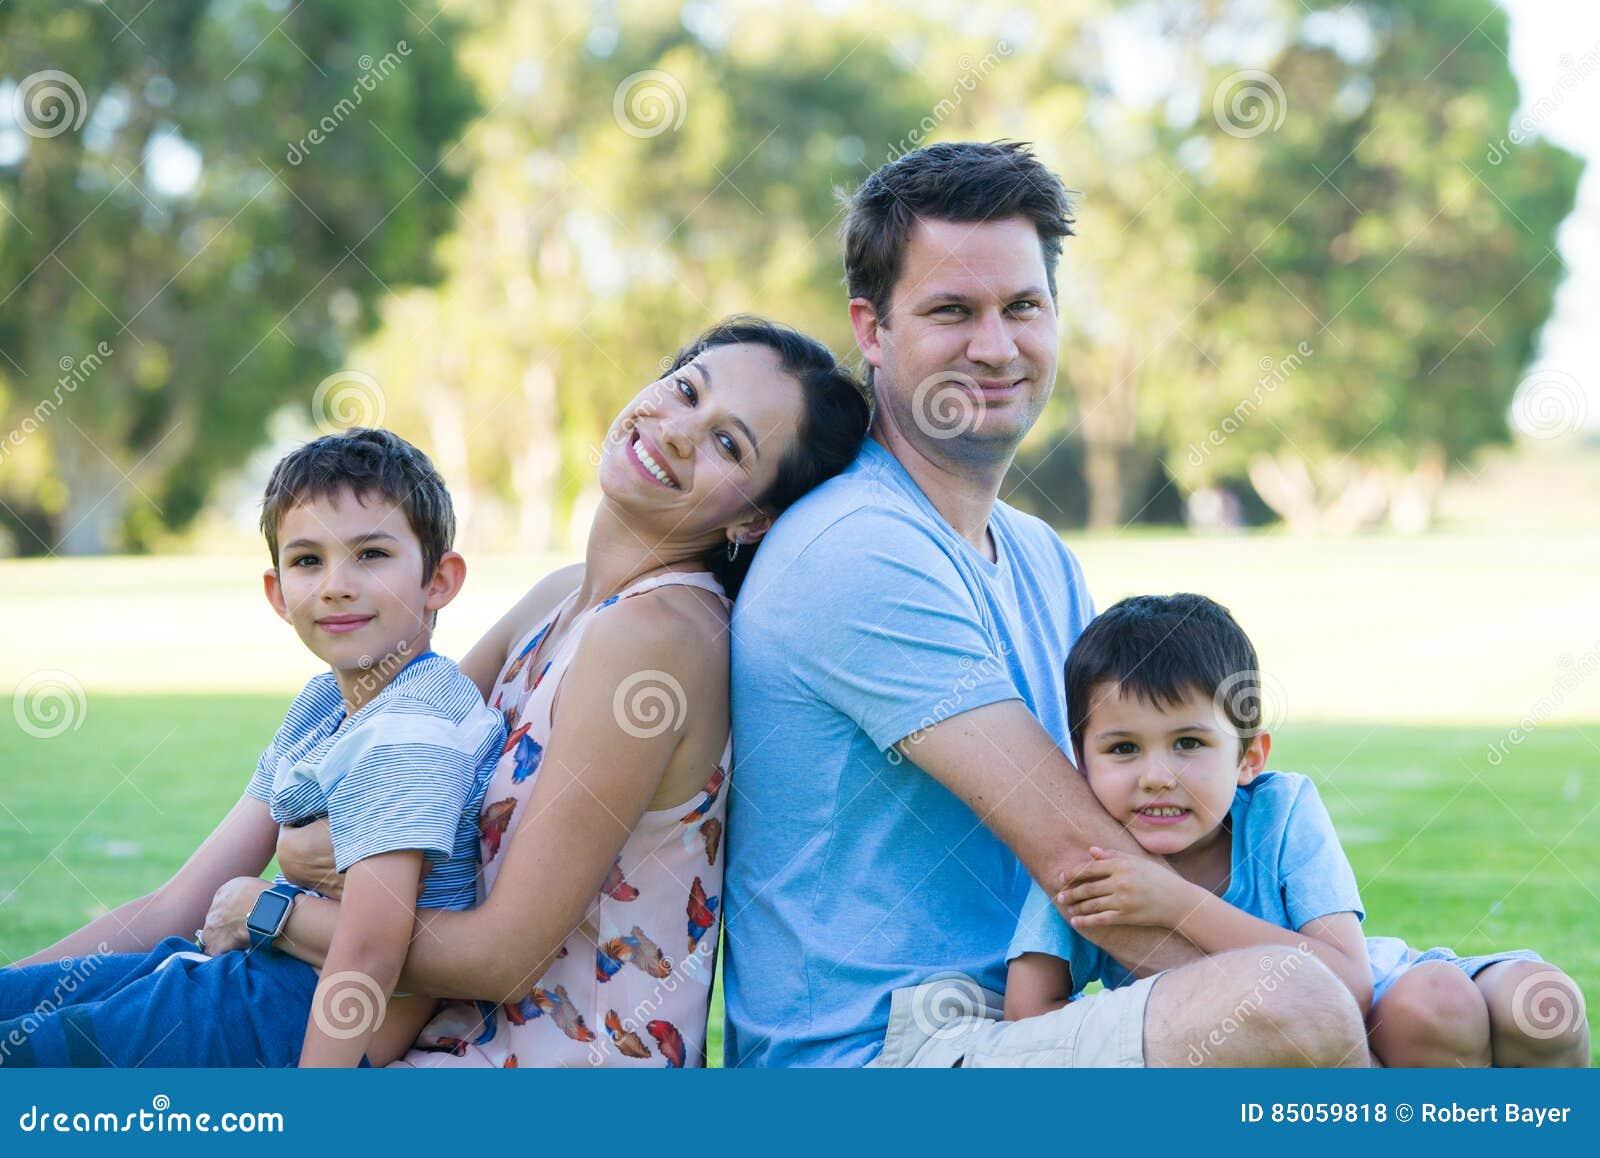 Νομοθεσία για την ηλικιακή σχέση σε εμάς